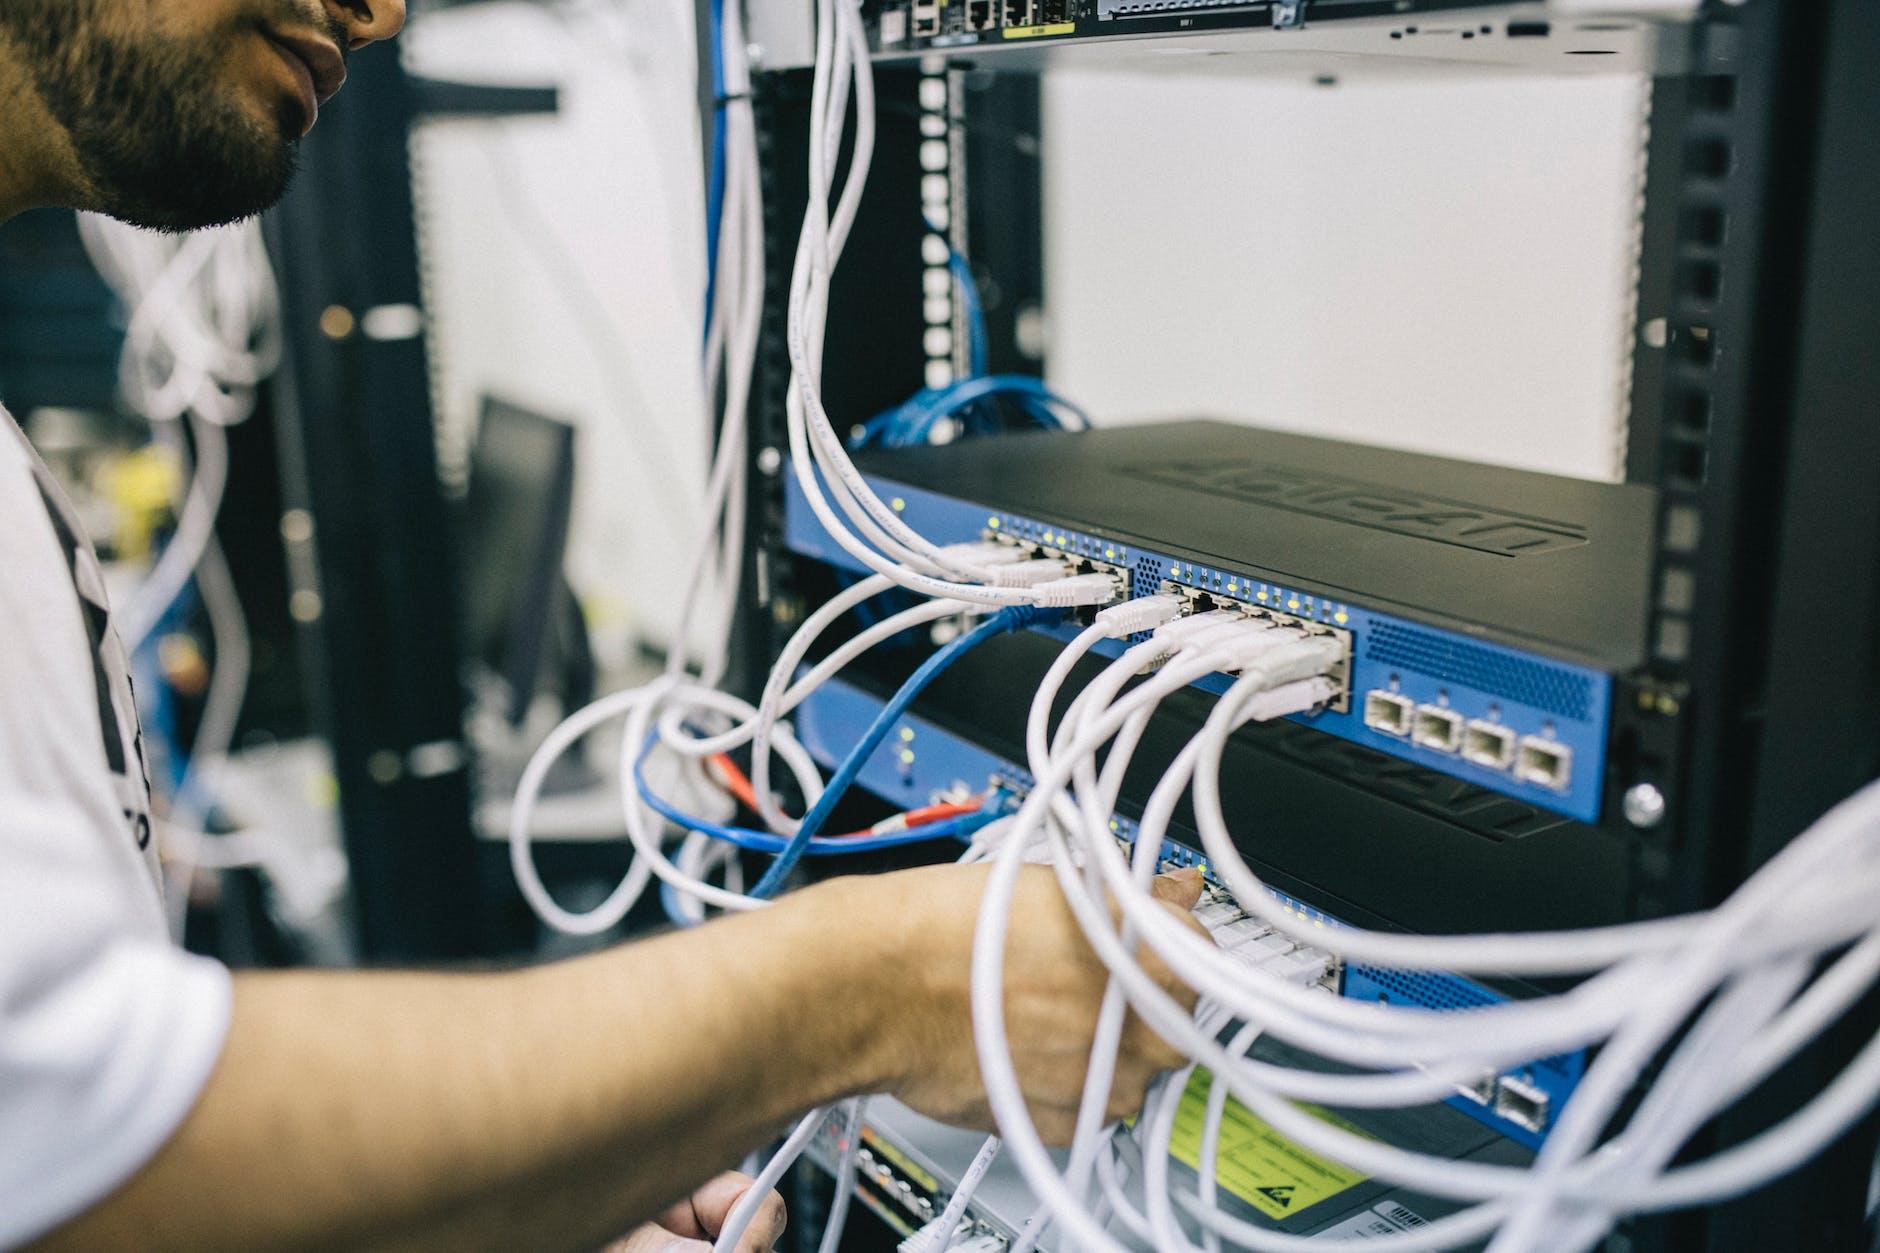 colocation server